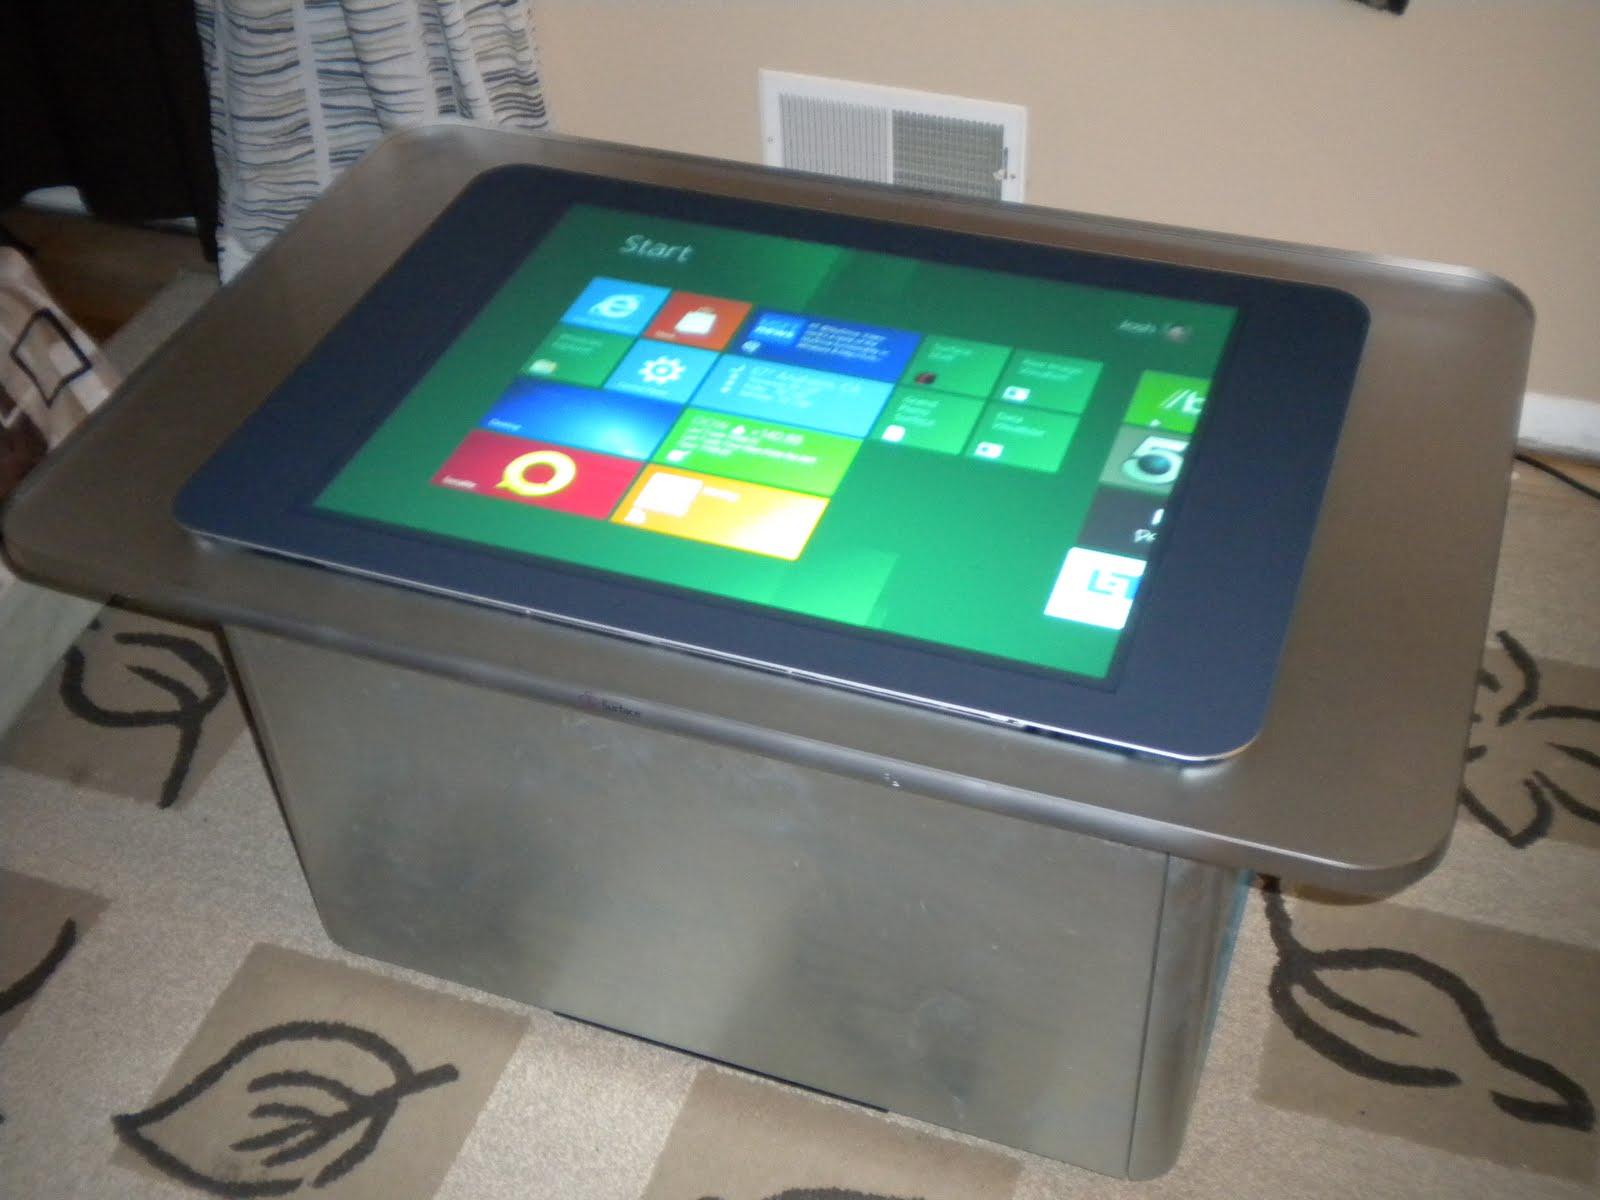 Assista ao vídeo do Windows 8 rodando no Microsoft Surface